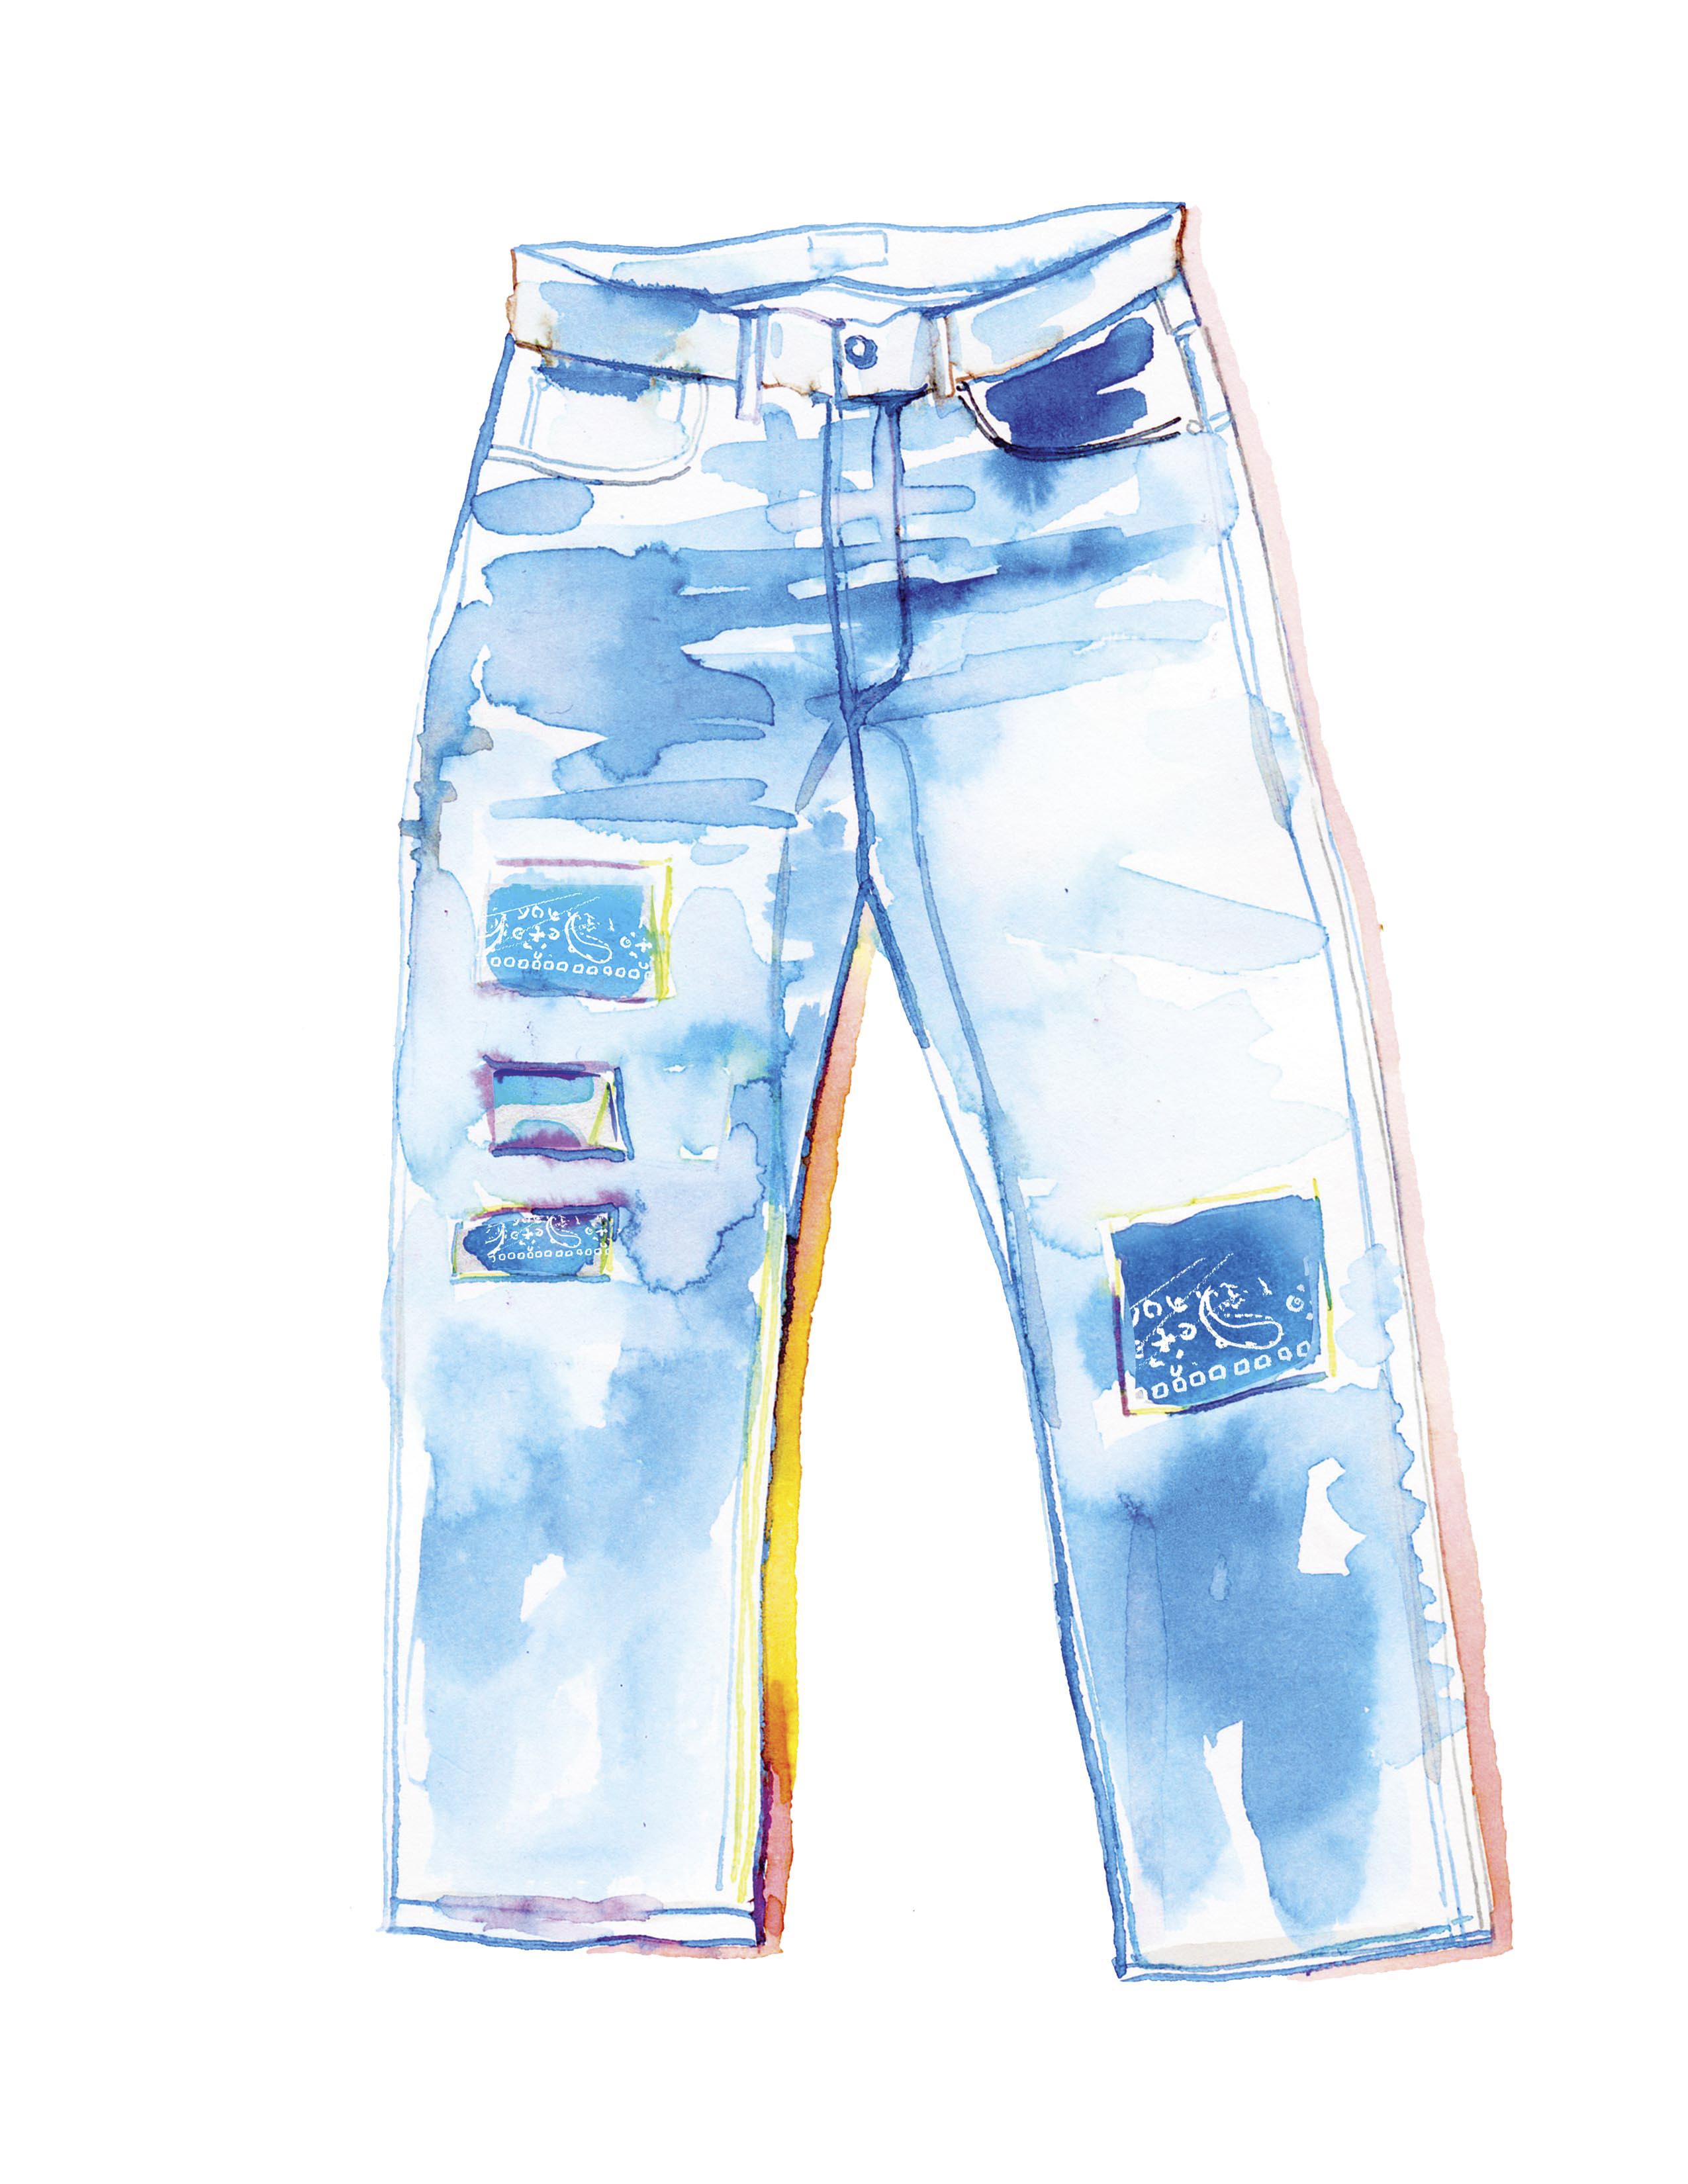 Todd Snyder nos dice cómo añadir parches a nuestros pantalones de mezclilla